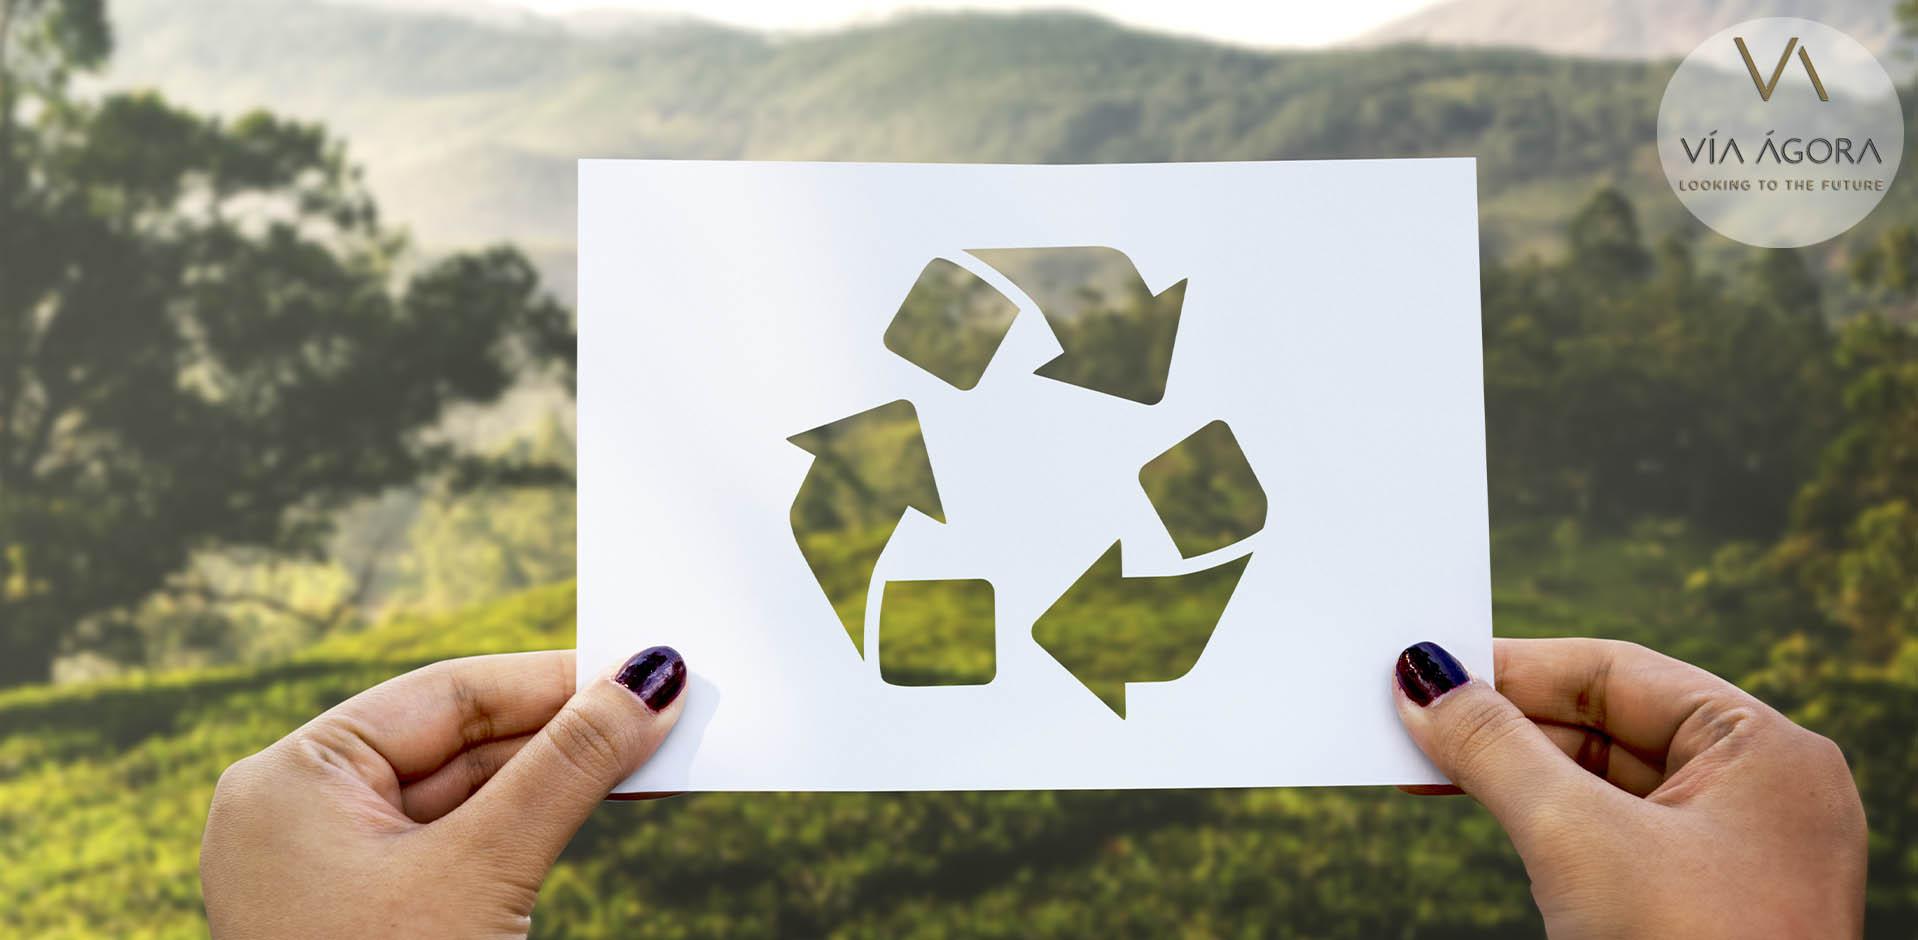 via agora - promotora inmobiliaria - decoración sostenible 1